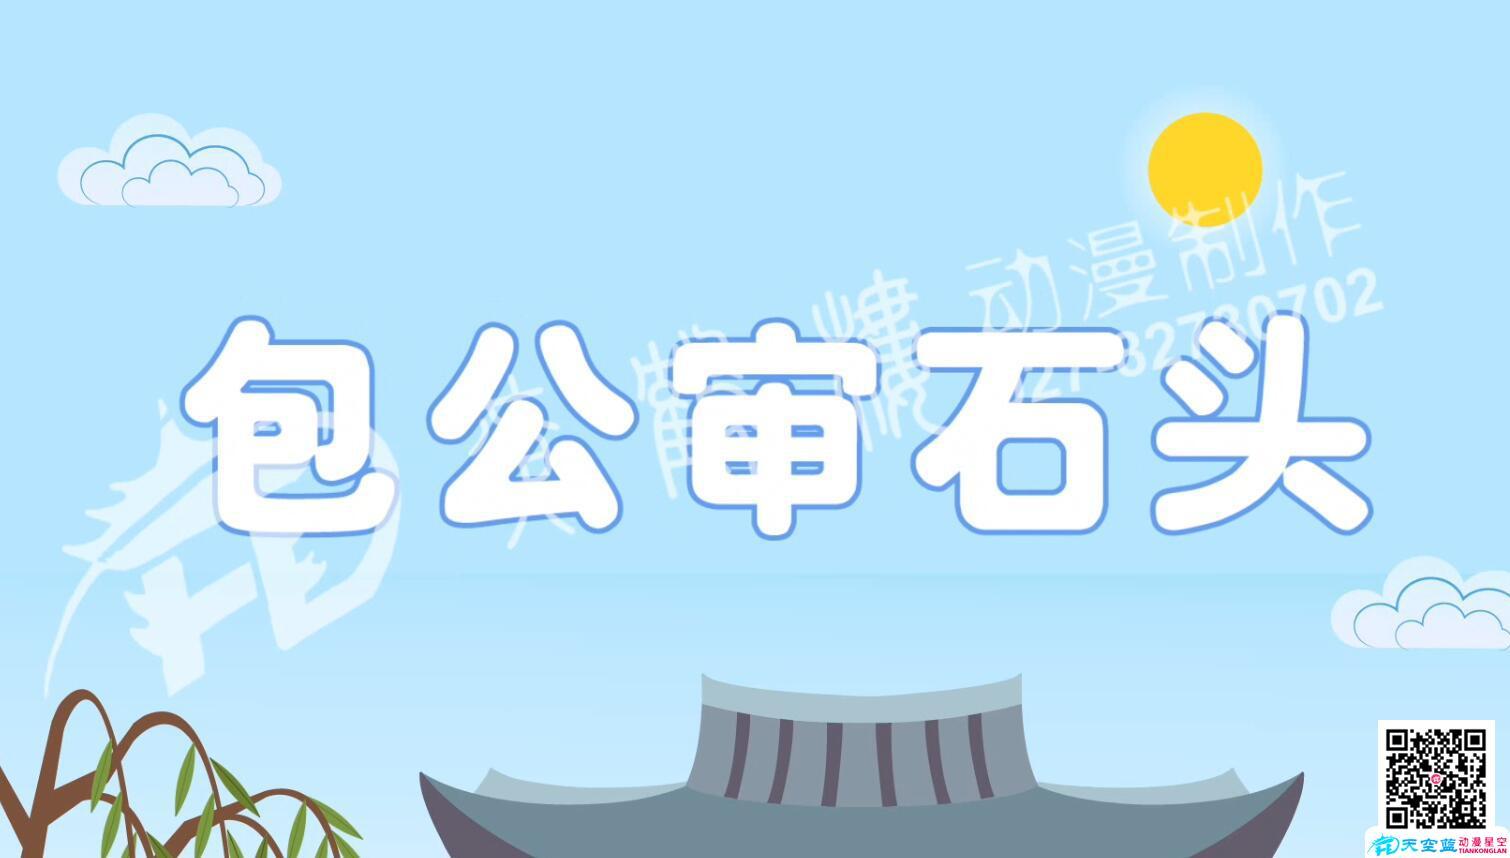 手绘动漫设计制作「包公审石头」动画视频